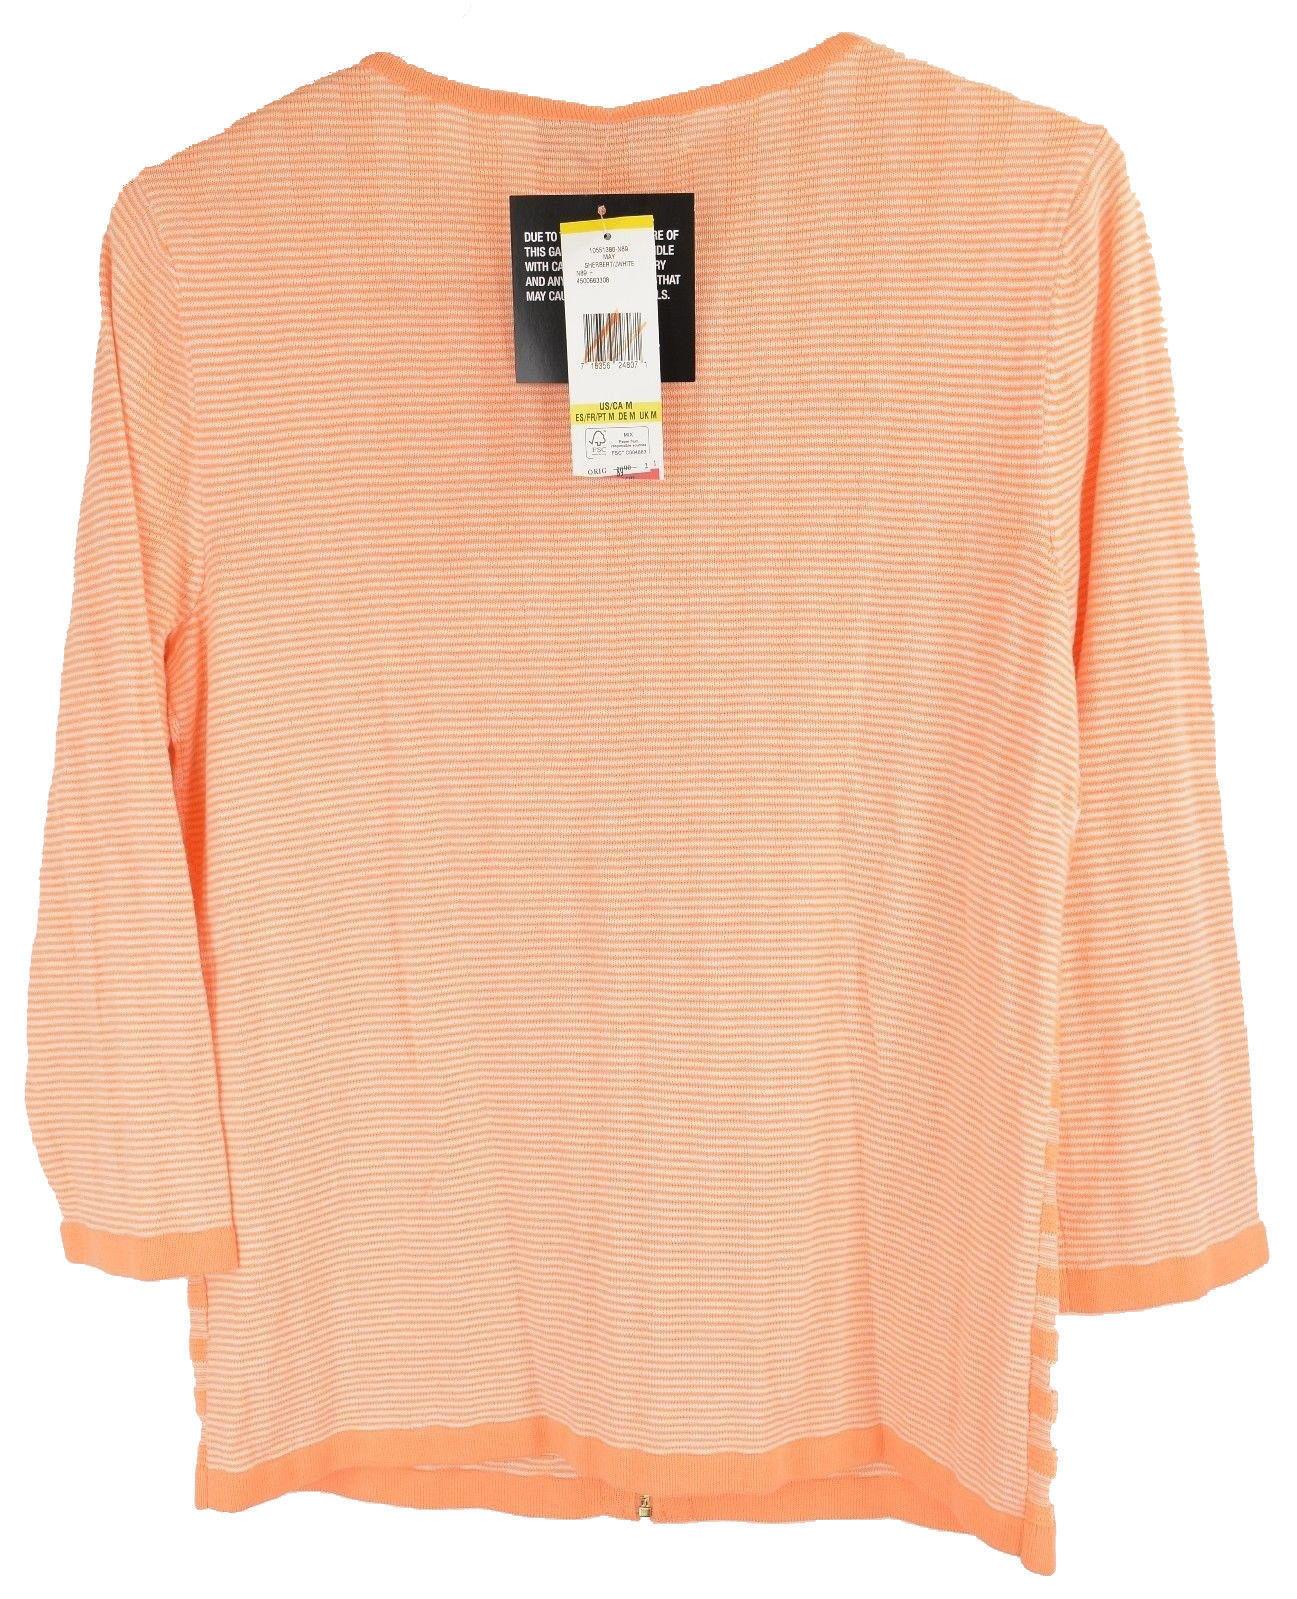 4635-2 Jones New York Collection Full Zip Cardigan Sweater Sherbert White, M $89 image 2